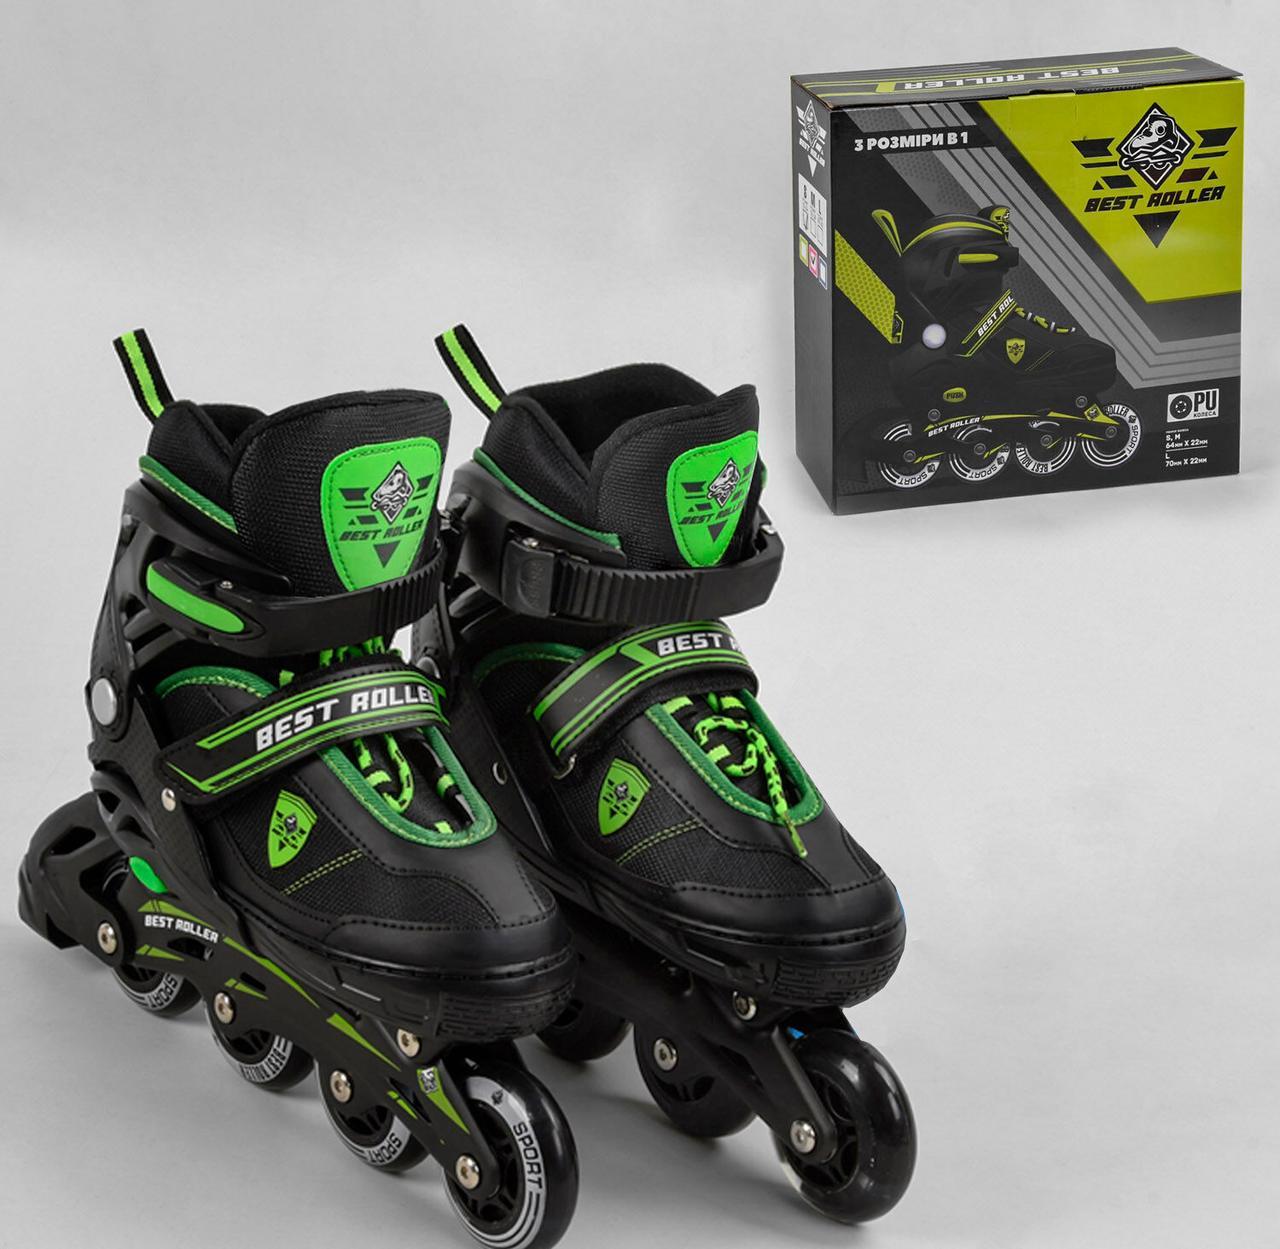 Роликовые коньки с бесшумными, светящимися колесами 30039-L Best Roller (размер 39-42), цвет зеленый